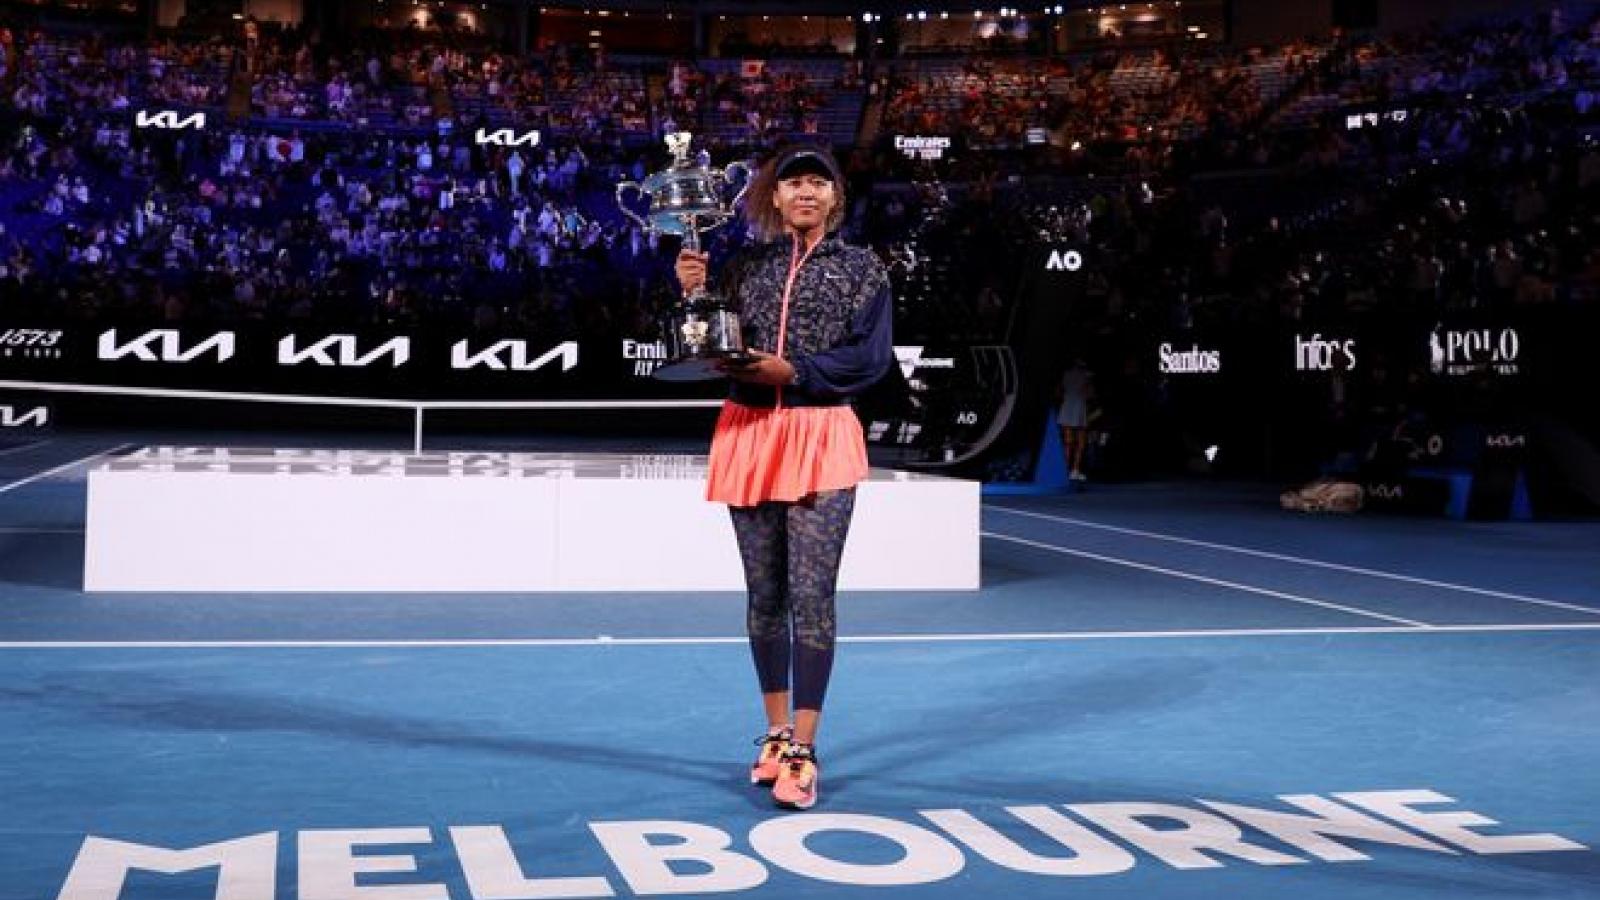 Tay vợt nữ Nhật Bản lần thứ 2 vô địch Australian Open